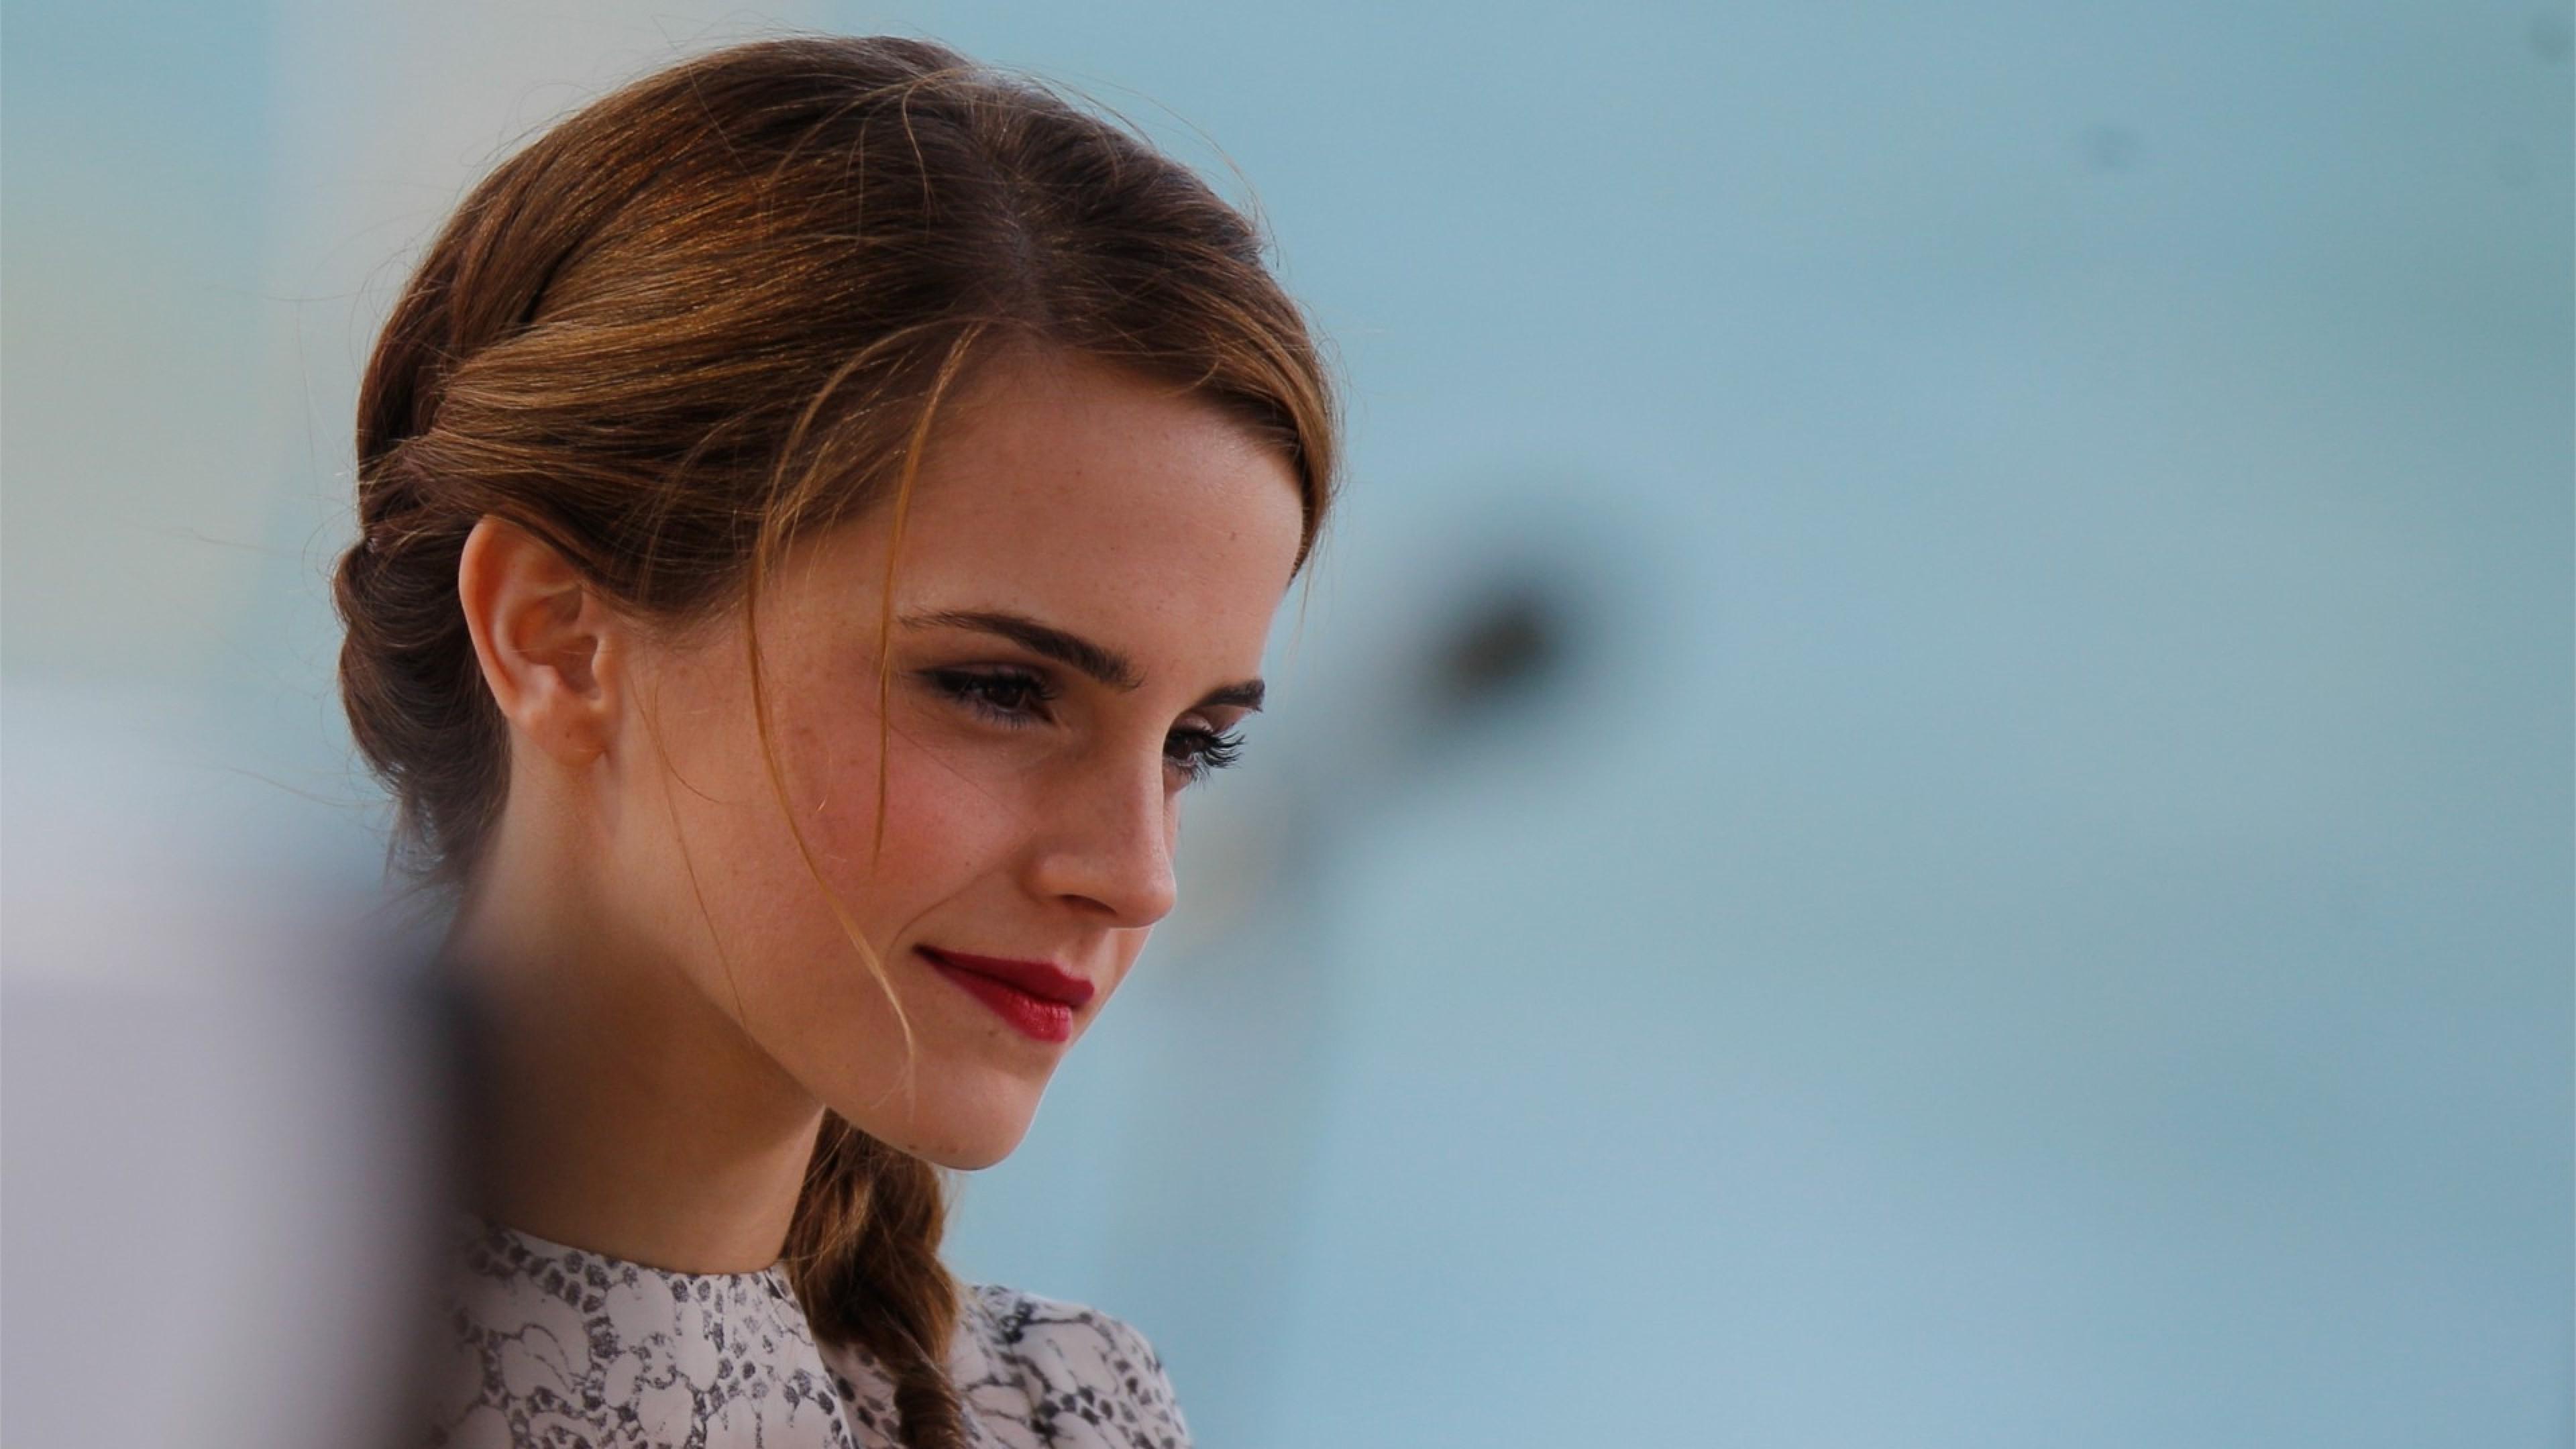 emma watson 5 1536855783 - Emma Watson 5 - girls wallpapers, emma watson wallpapers, celebrities wallpapers